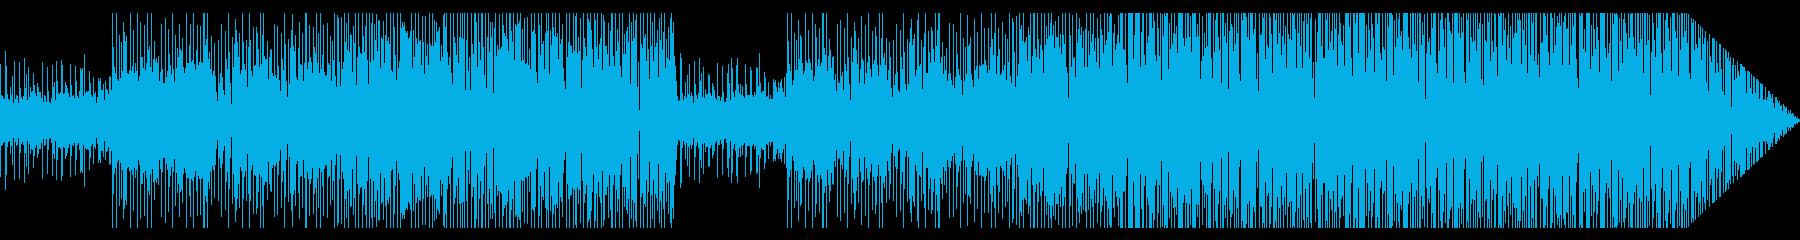 爽やか・陽気なインストポップの再生済みの波形